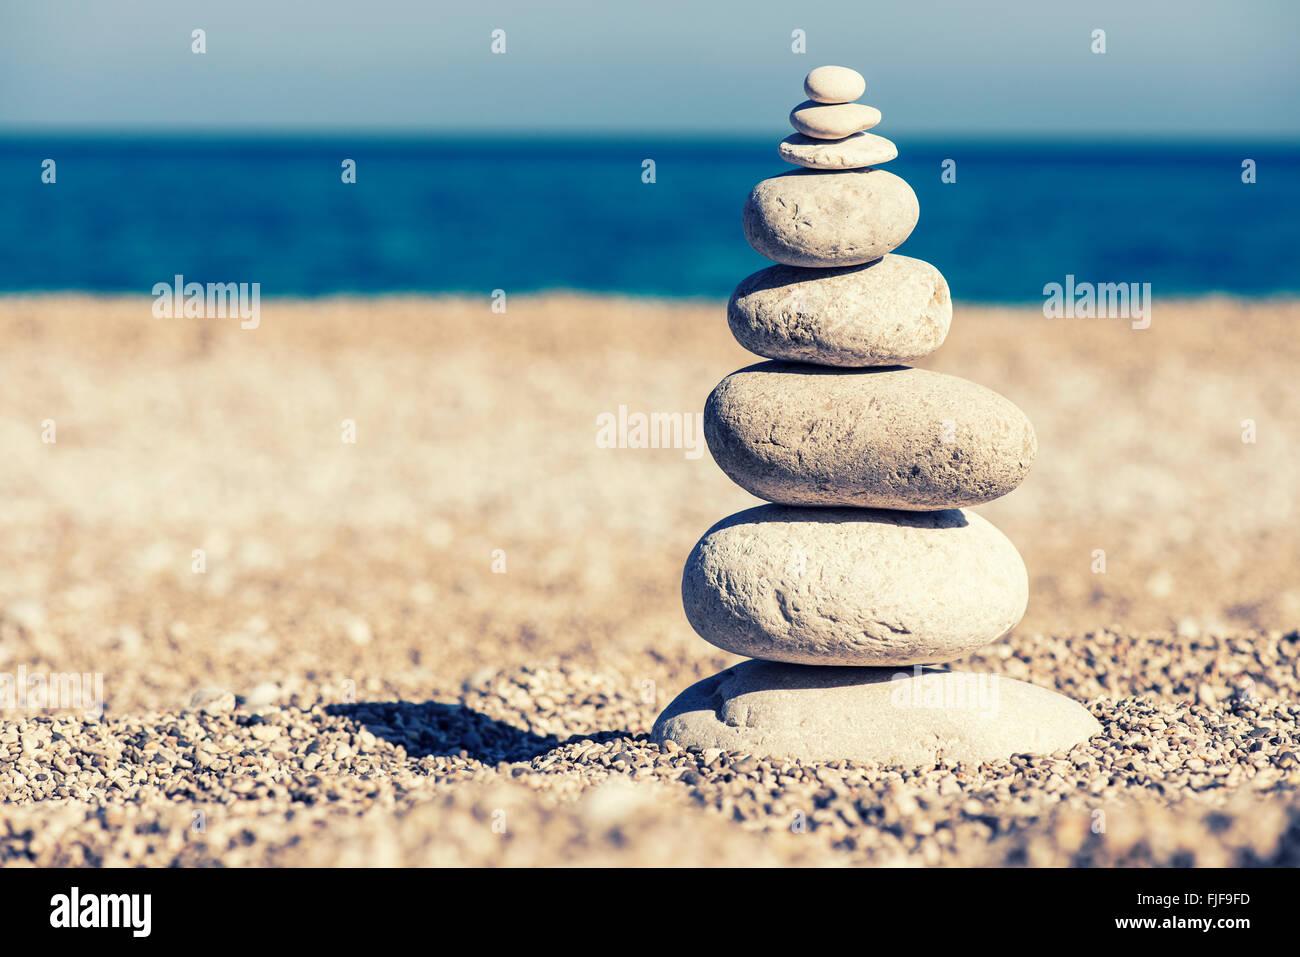 L'équilibre des pierres, vintage retro hiérarchie comme instagram pile dans la mer bleu fond. Spa Photo Stock